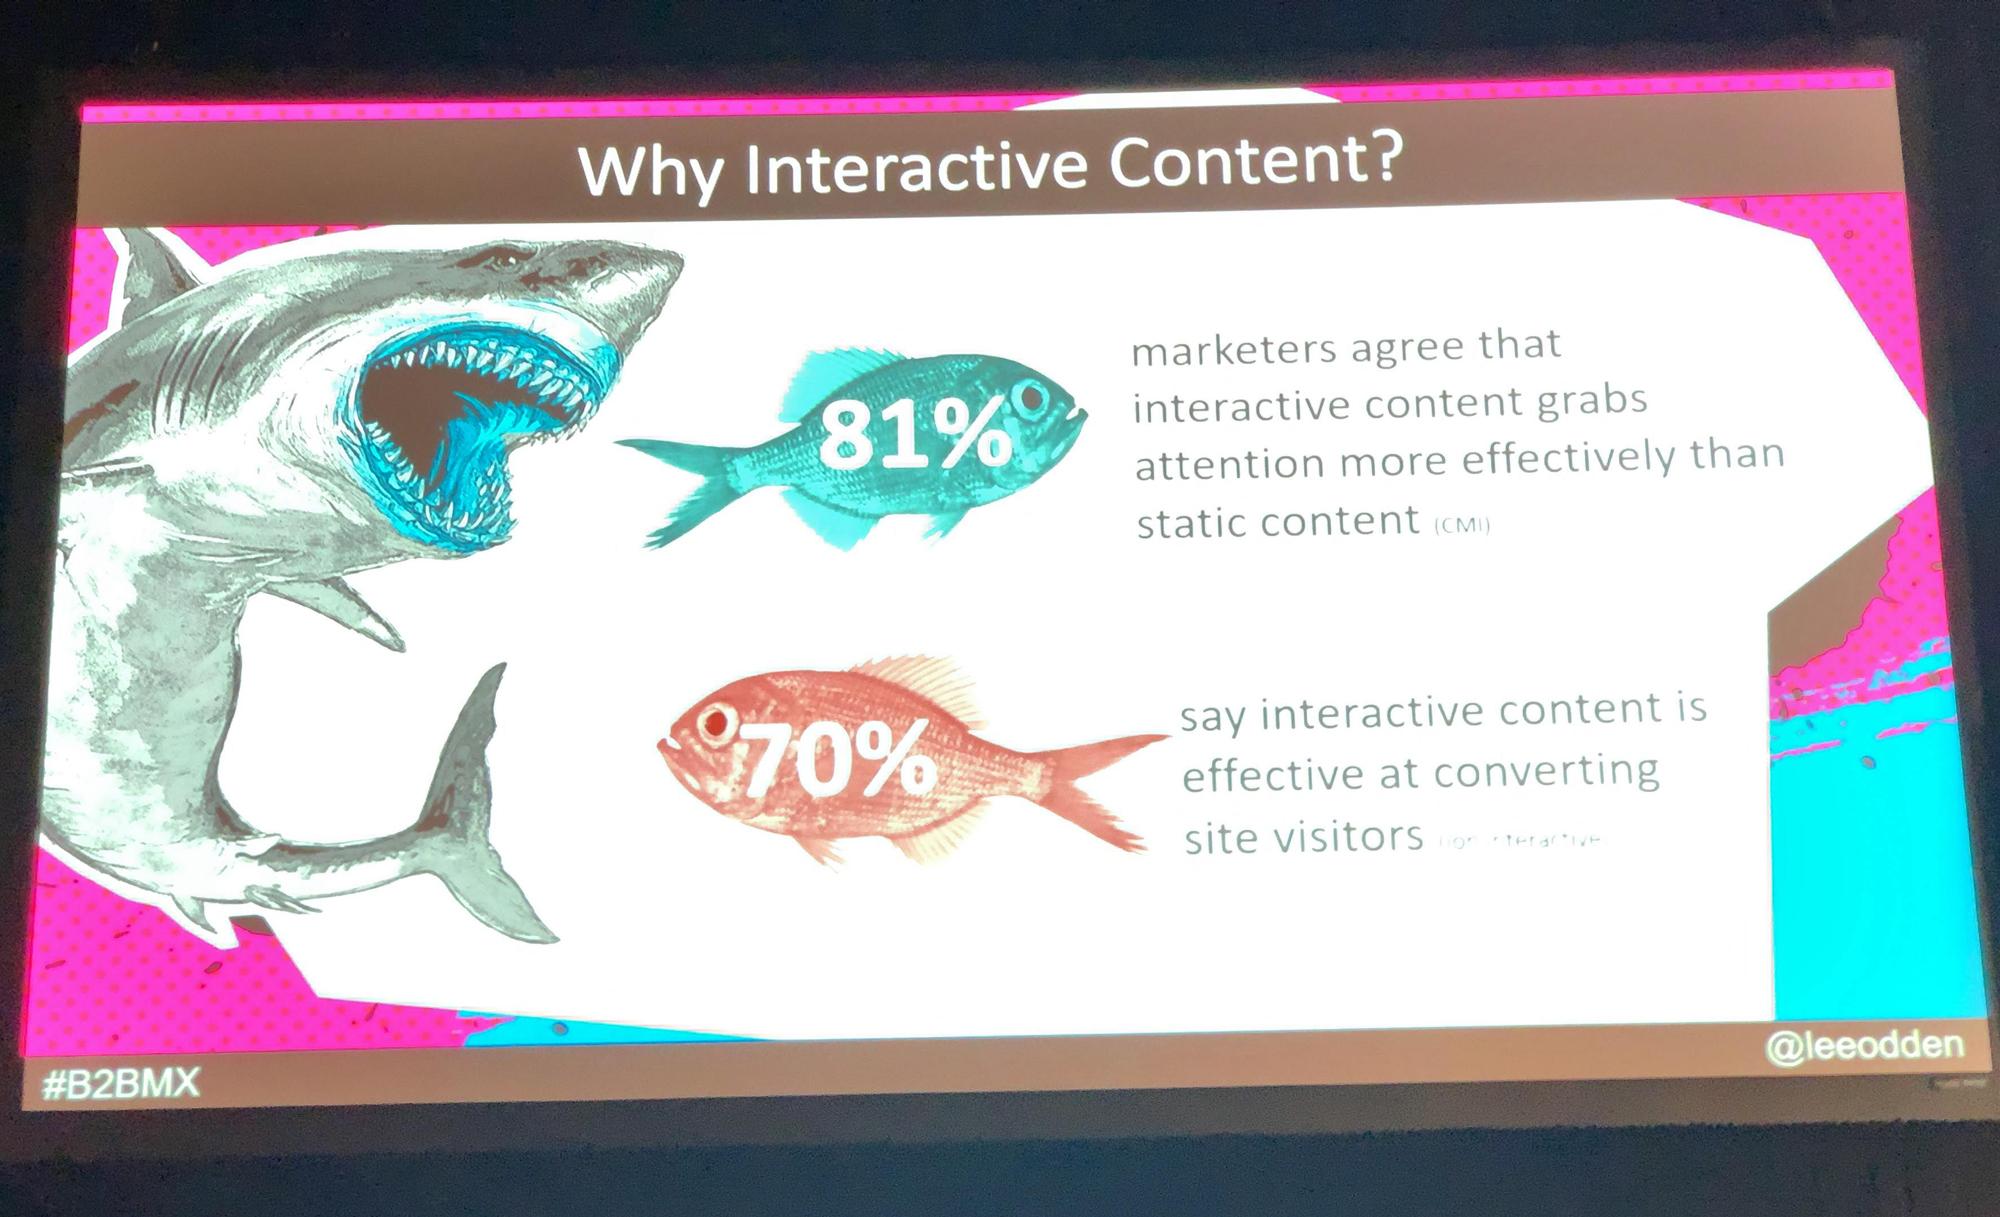 対話的なコンテンツ、双方向的なコンテンツ―― B2BMX2019より